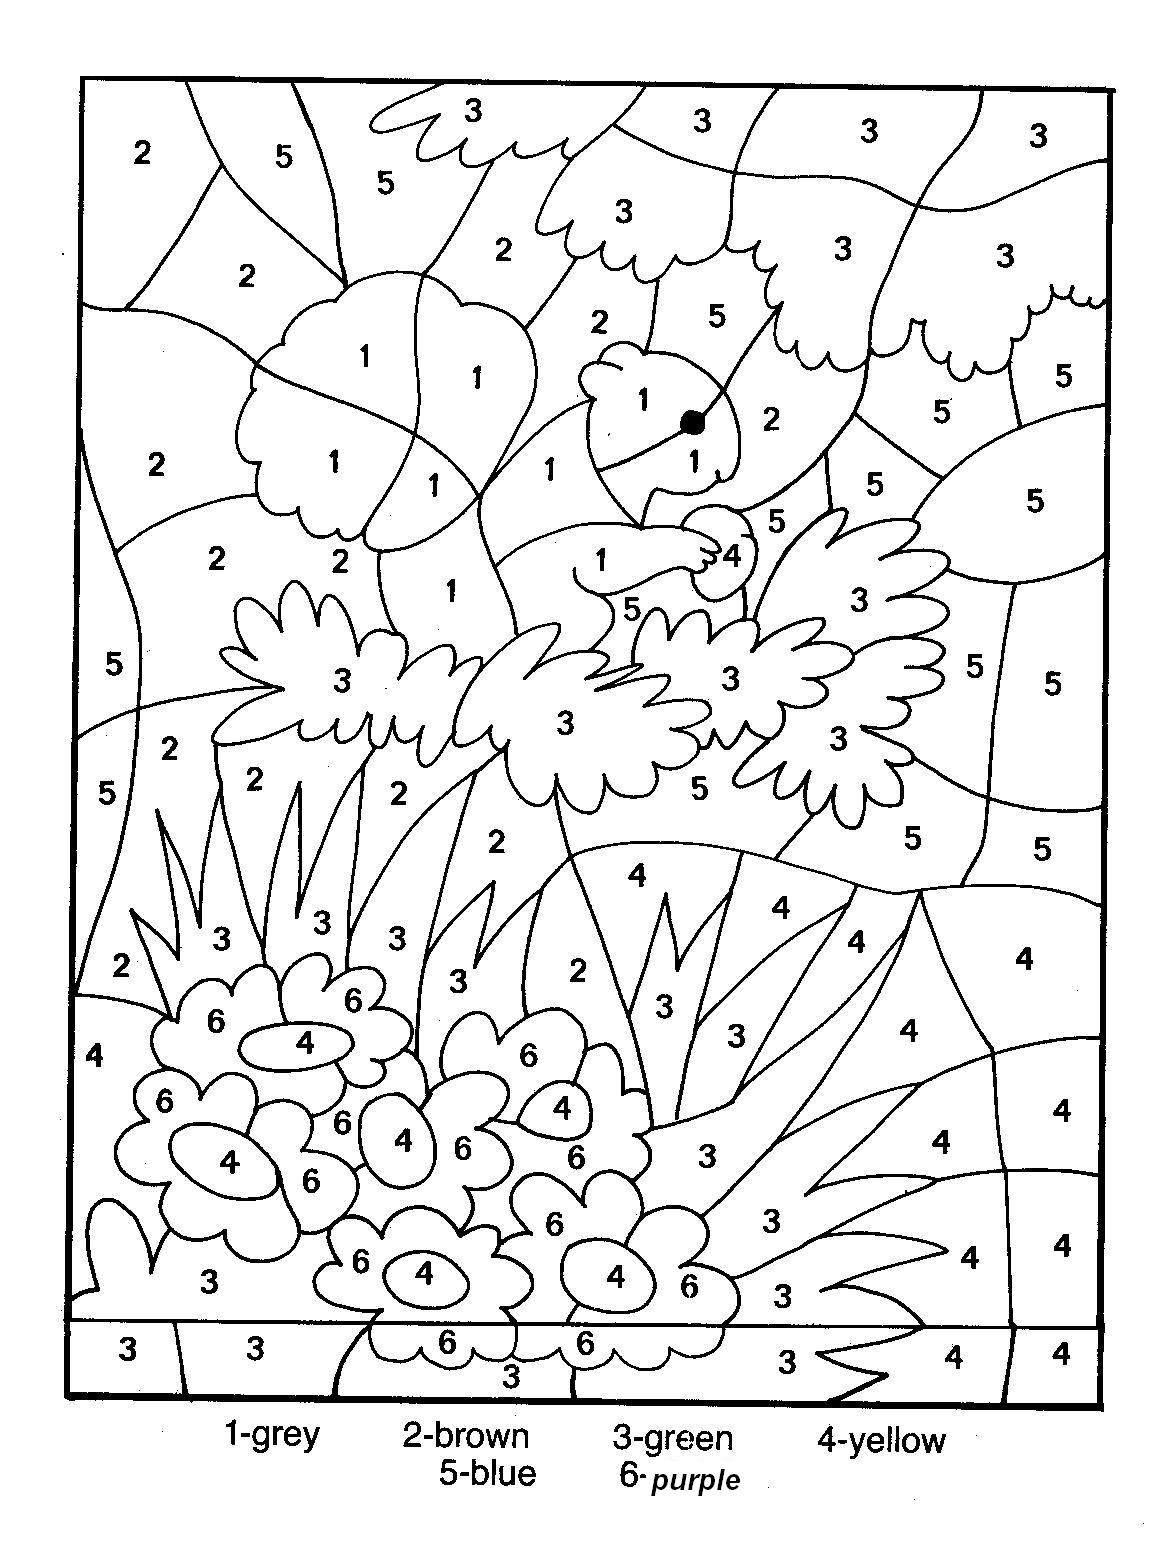 25 Dessins De Coloriage Magique Gs À Imprimer dedans Coloriage Codé Moyenne Section